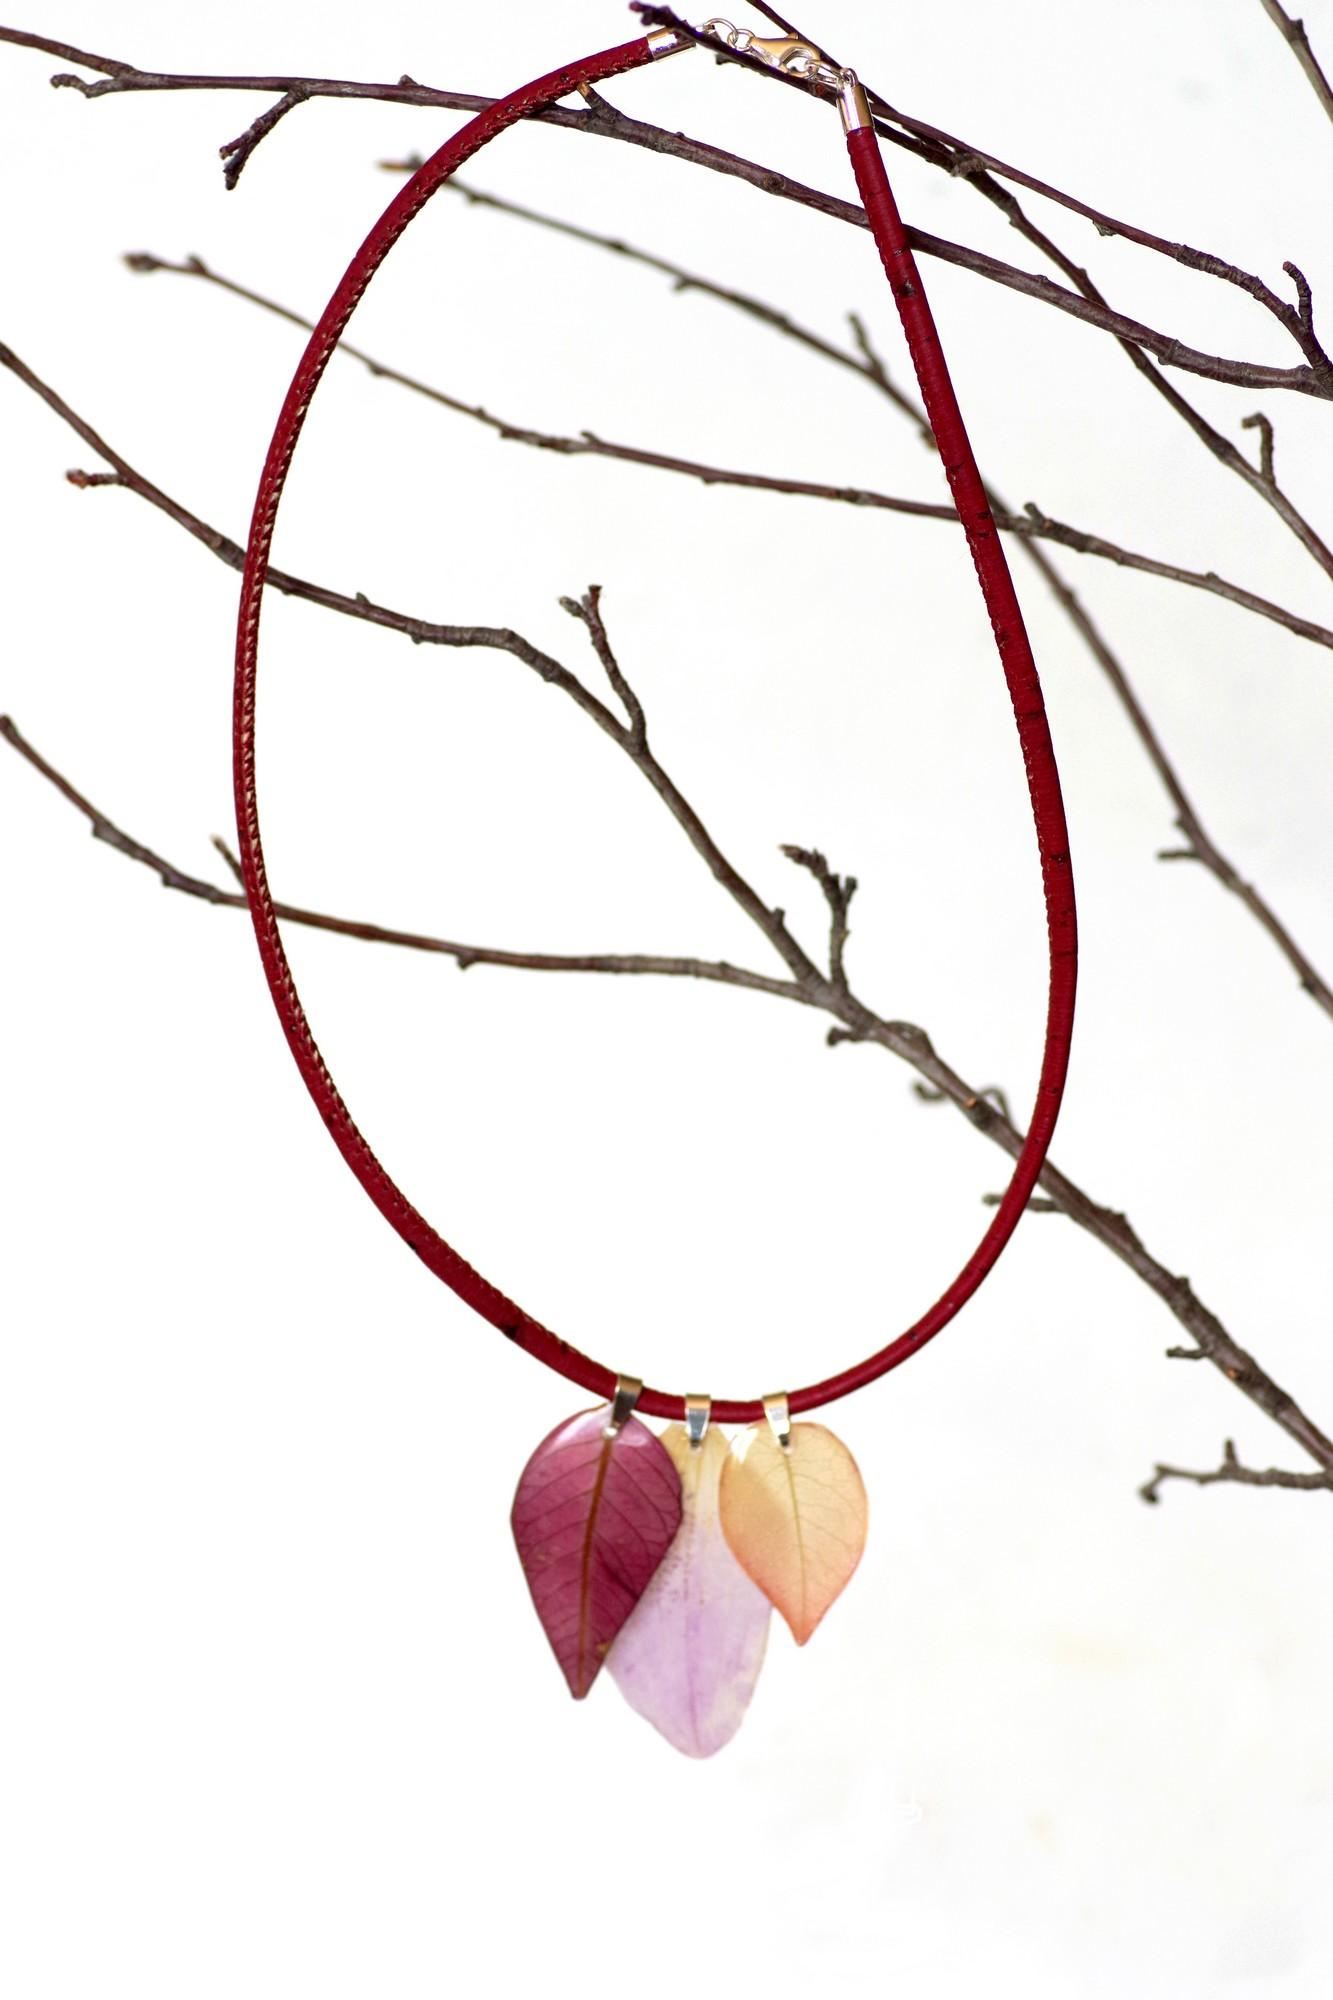 Collier végétal en liège rouge avec trois pendentifs végétaux, accroché à une branche